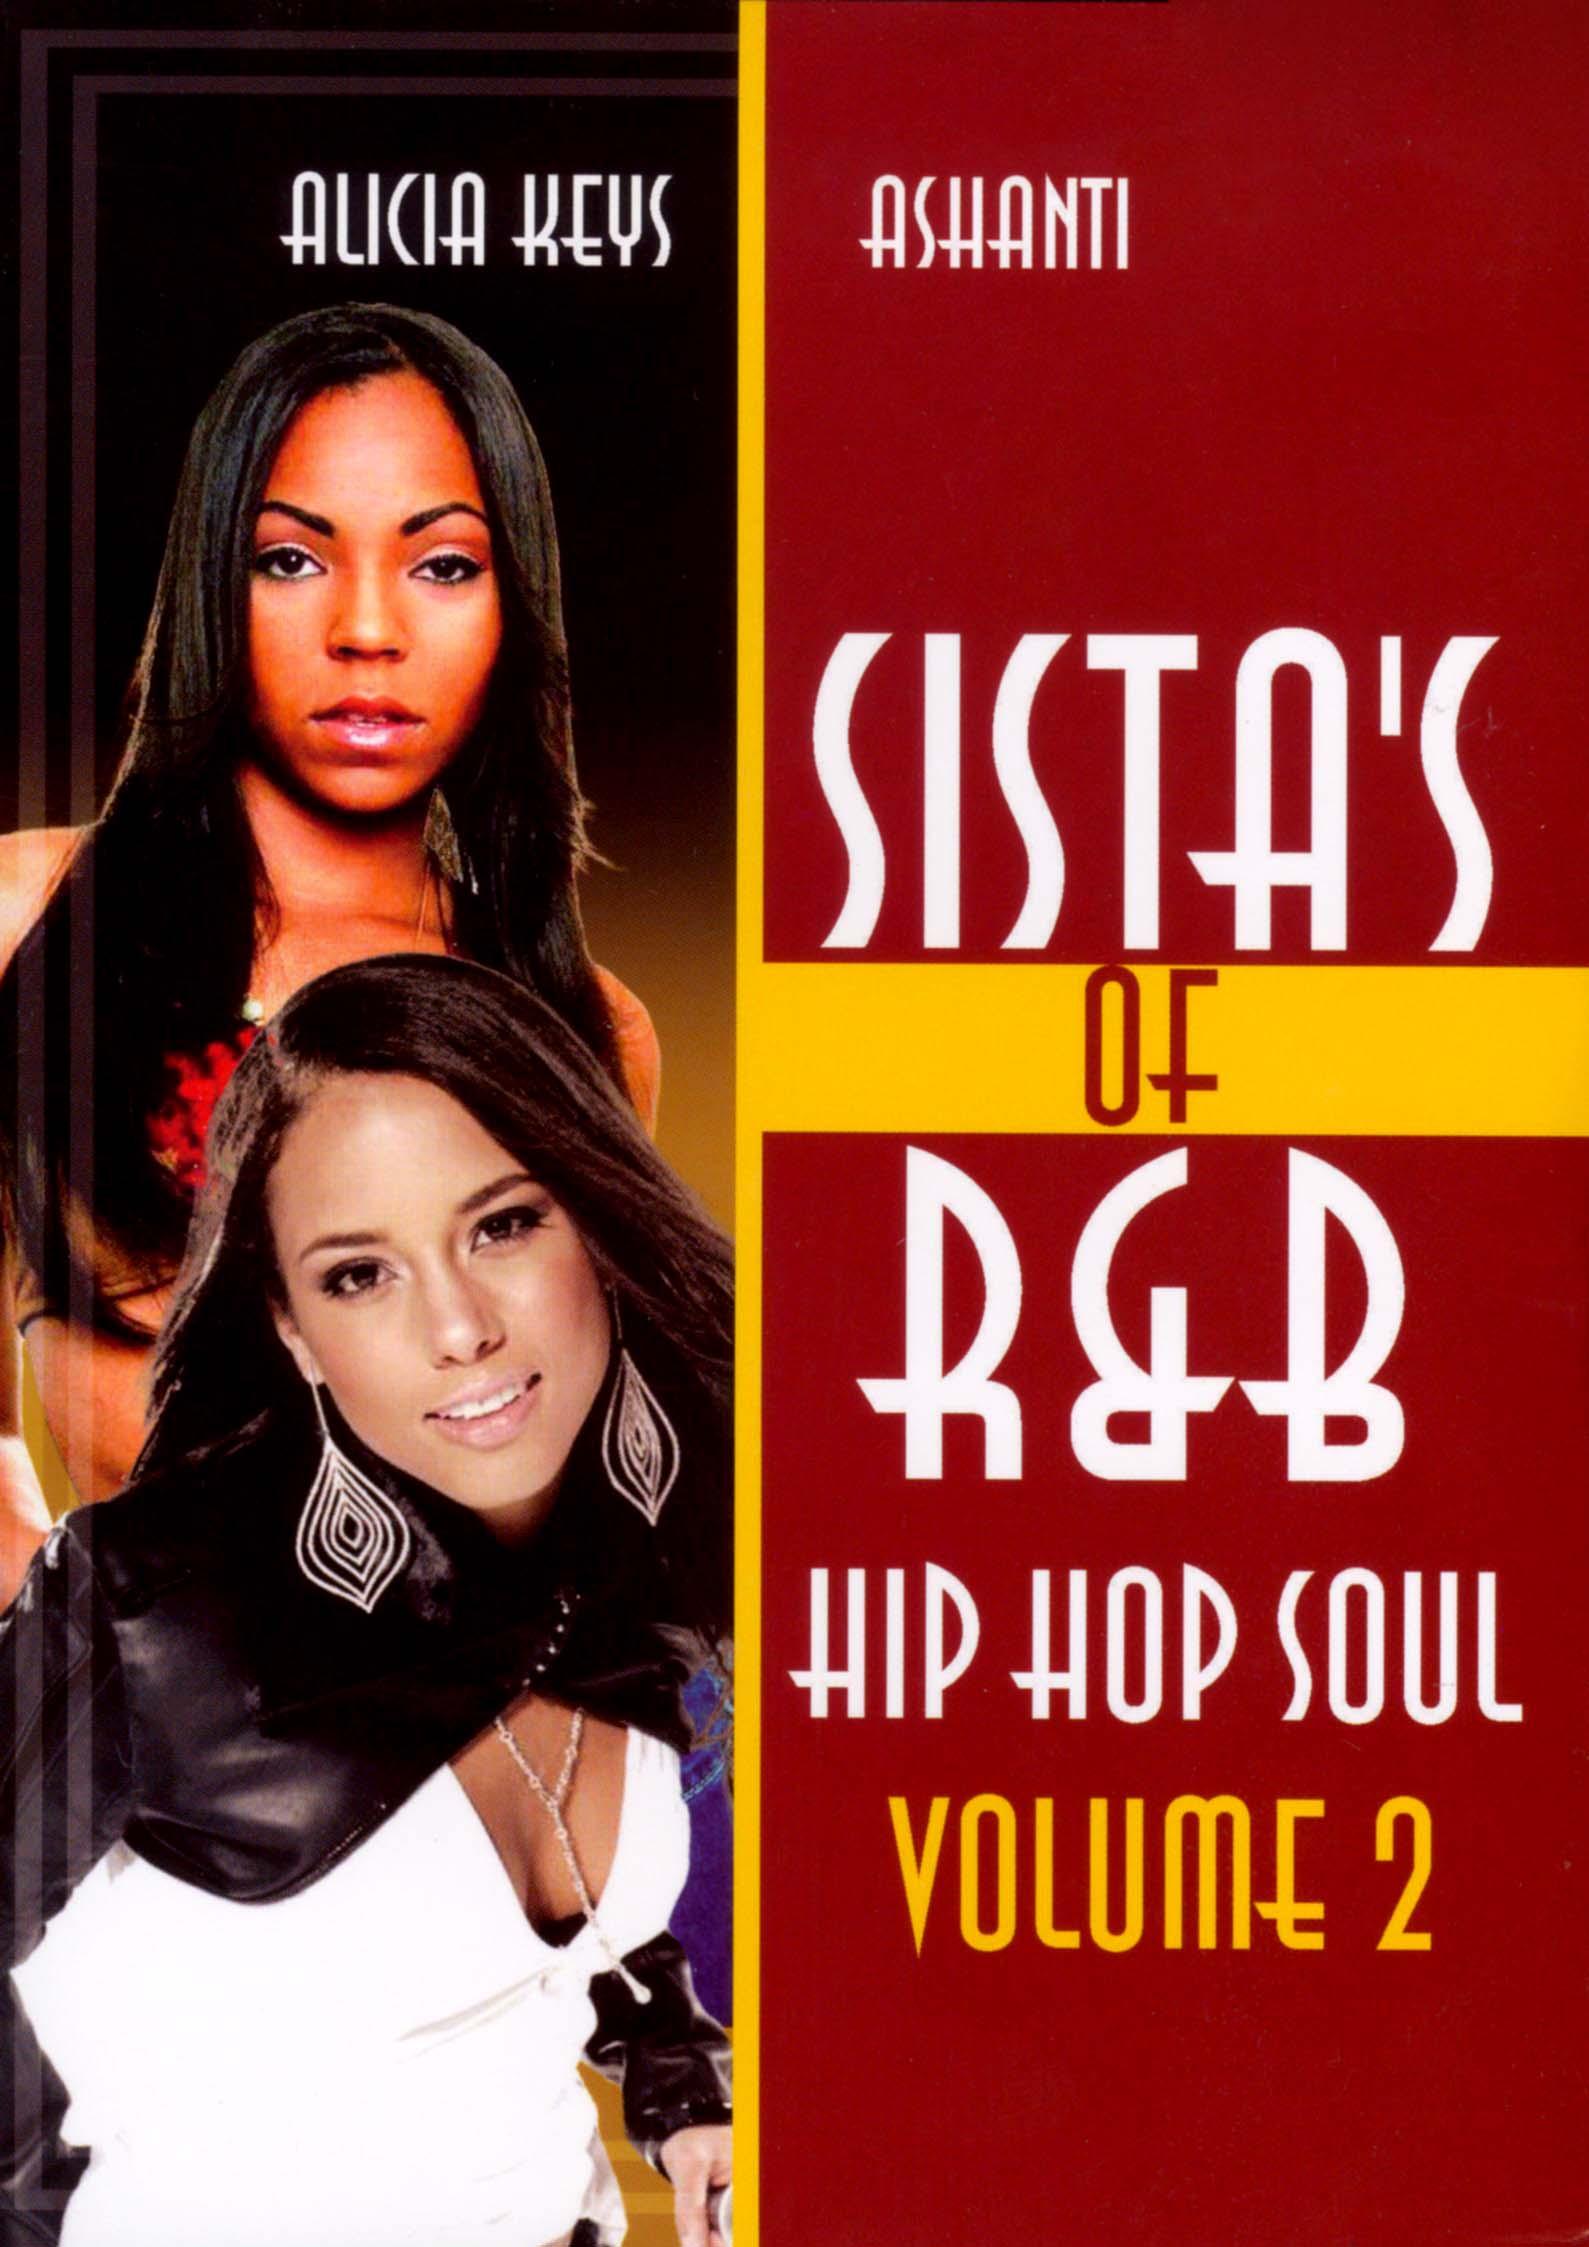 Sista's of R&B: Hip Hop Soul, Vol. 2